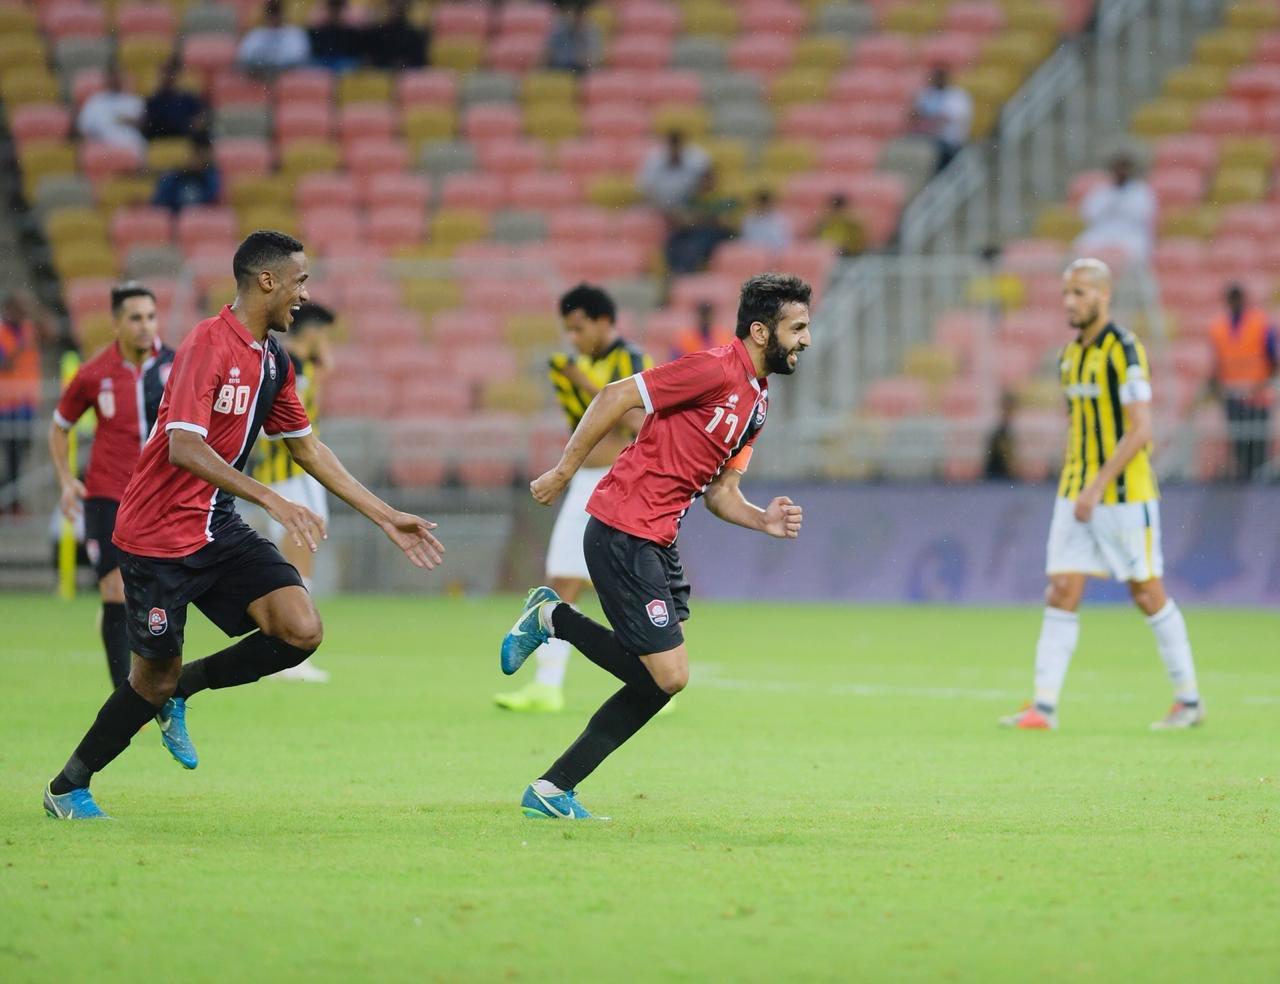 نتيجة مباراة الإتحاد والرائد اليوم الجمعة 23/08/2019 الدوري السعودي